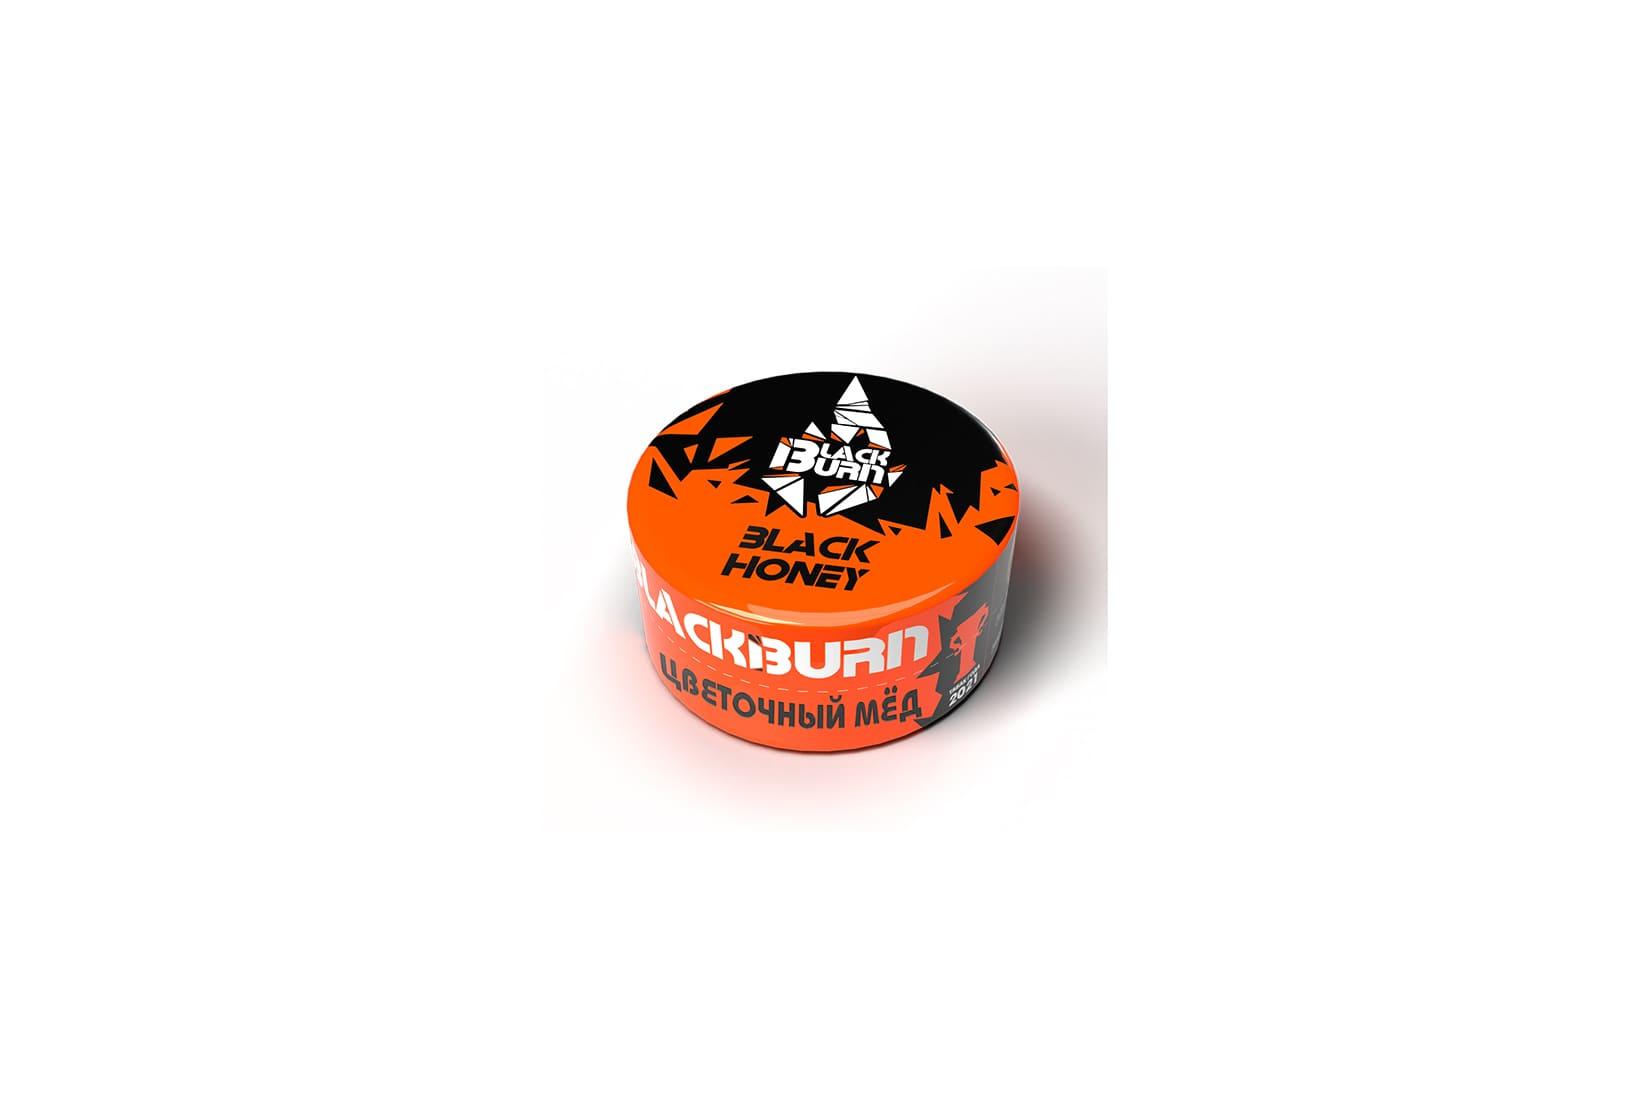 Табак для кальяна Black Burn BLACK HONEY – описание, миксы, отзывы